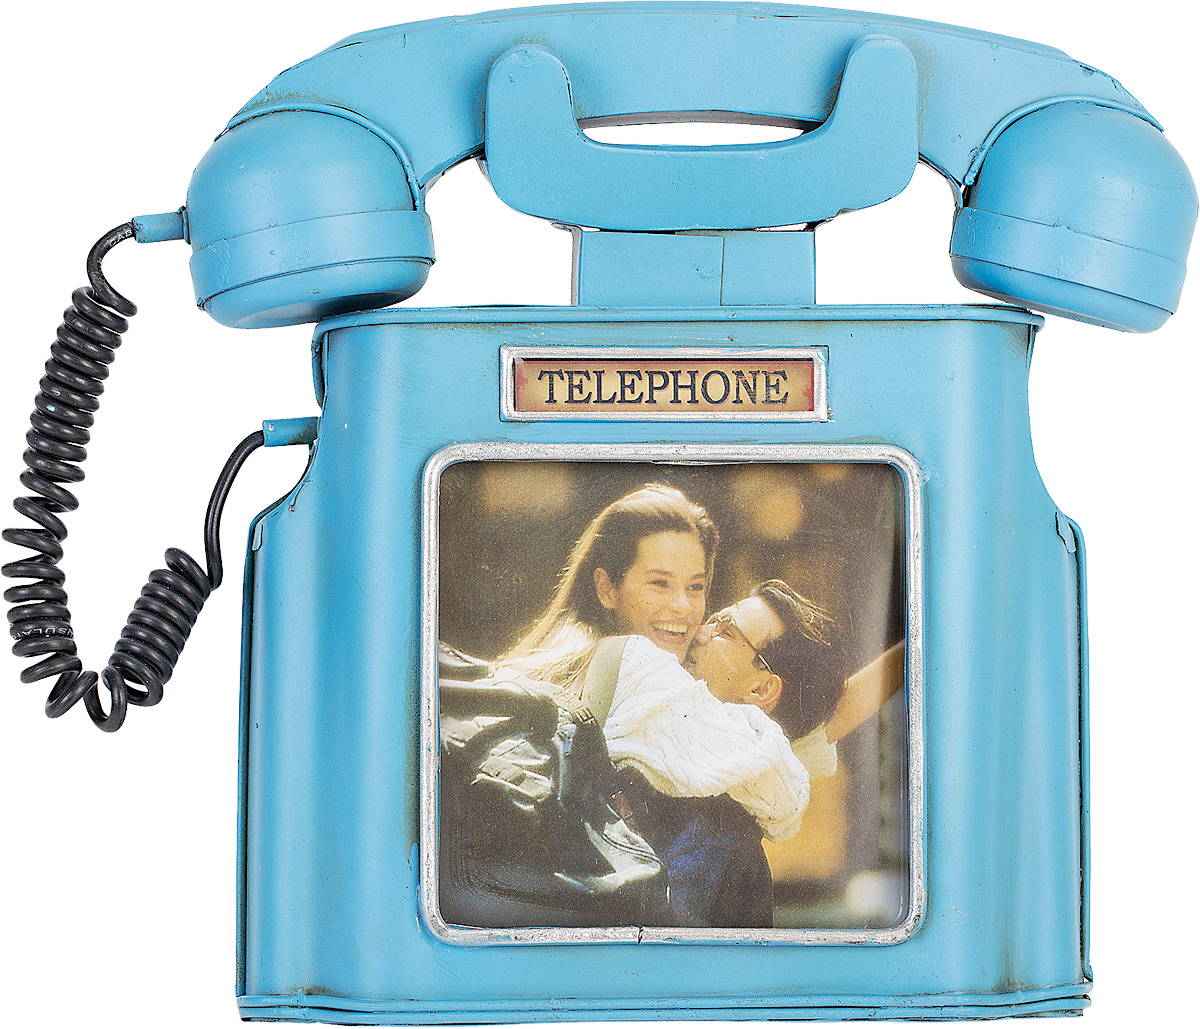 Фоторамка Platinum Телефон, 10 х 10 смТР 5142Фоторамка Platinum Телефон выполнена в классическом стиле из высококачественного металла. Такая фоторамка поможет вам оригинально и стильно дополнить интерьер помещения, а также позволит сохранить память о дорогих вам людях и интересных событиях вашей жизни.